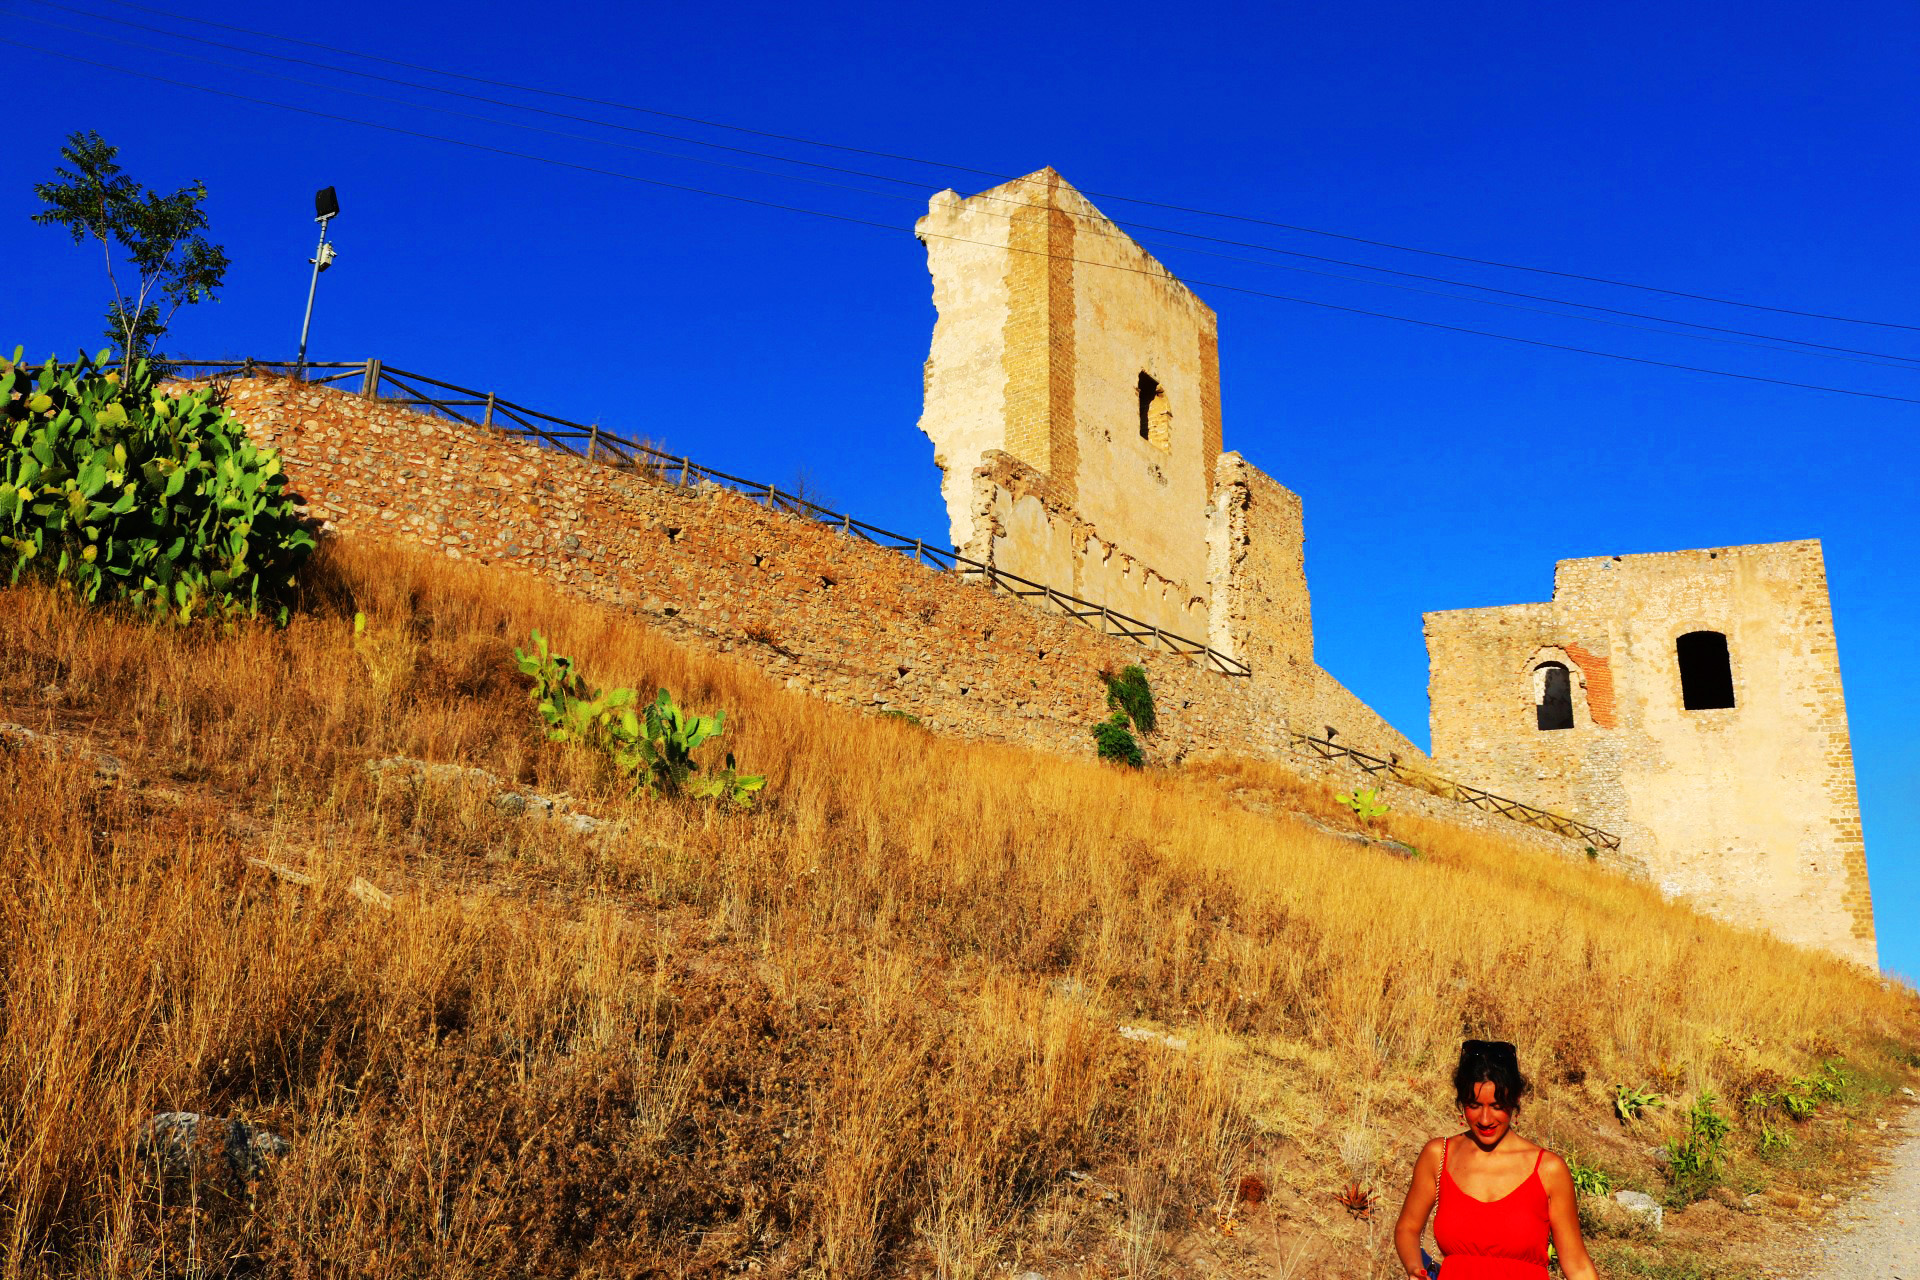 Castello dell'Emiro, Misilmeri